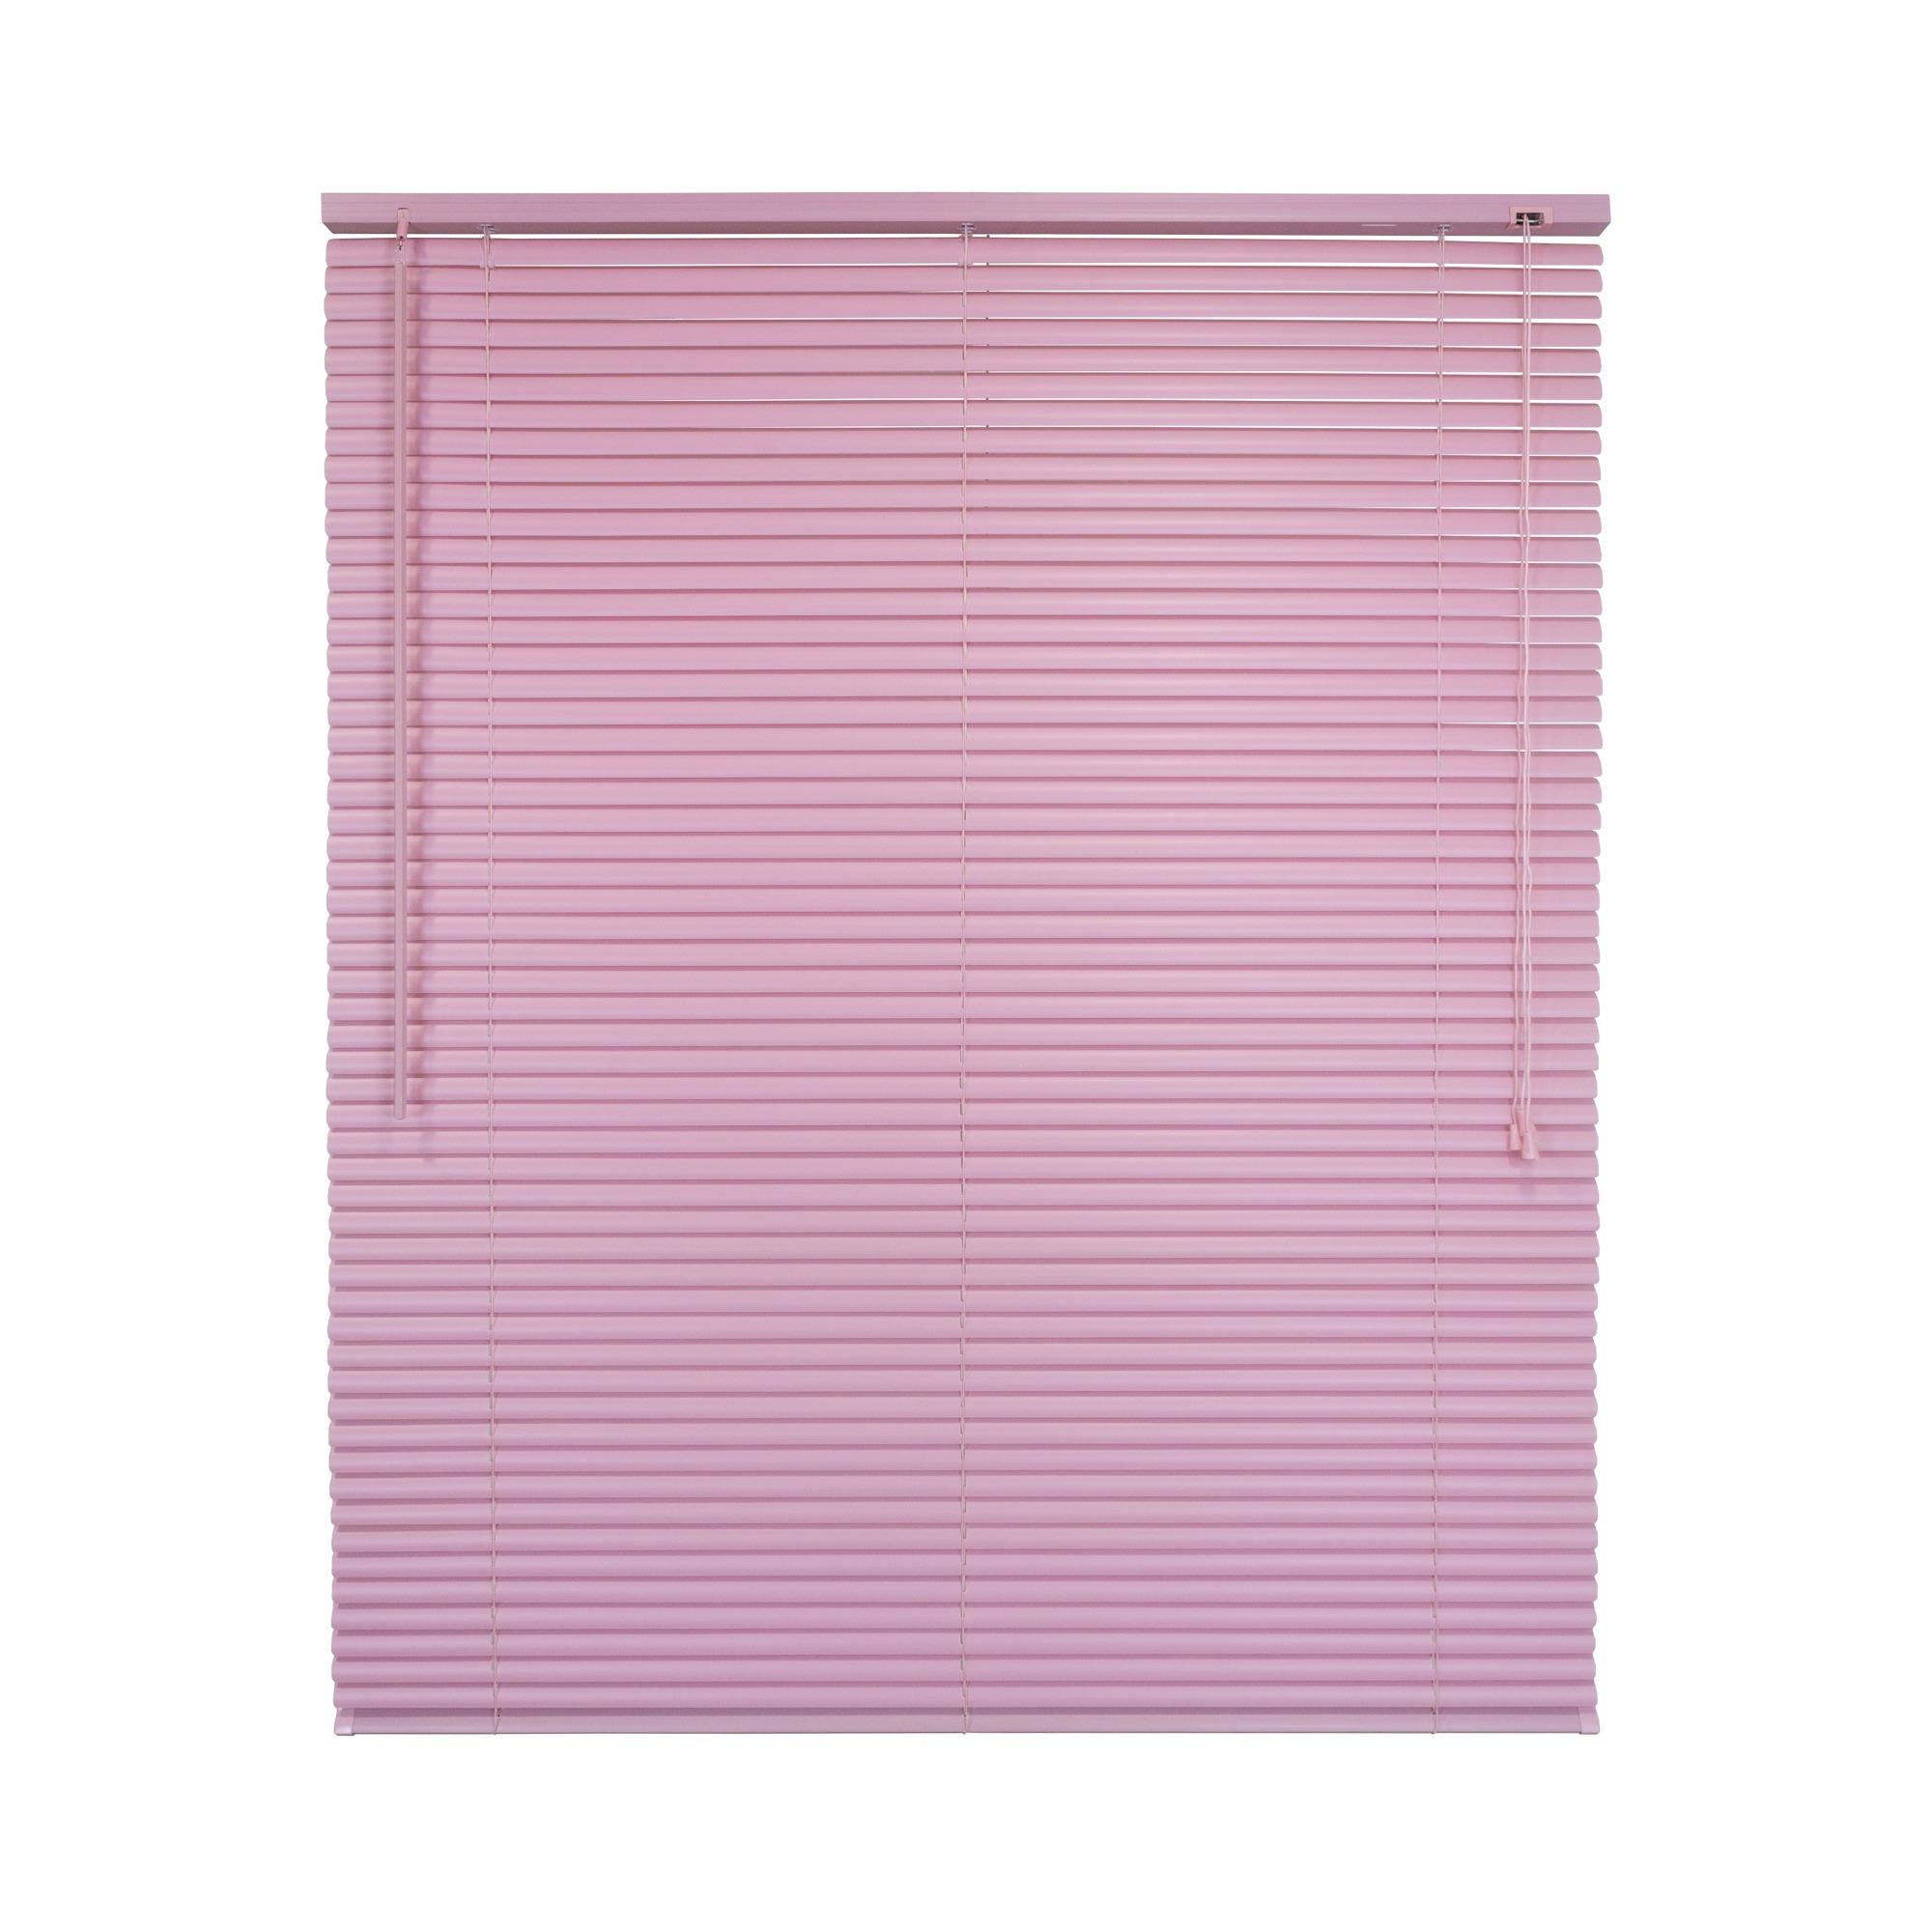 Persiana Horizontal PVC 100x125 cm Rosa - Liyang